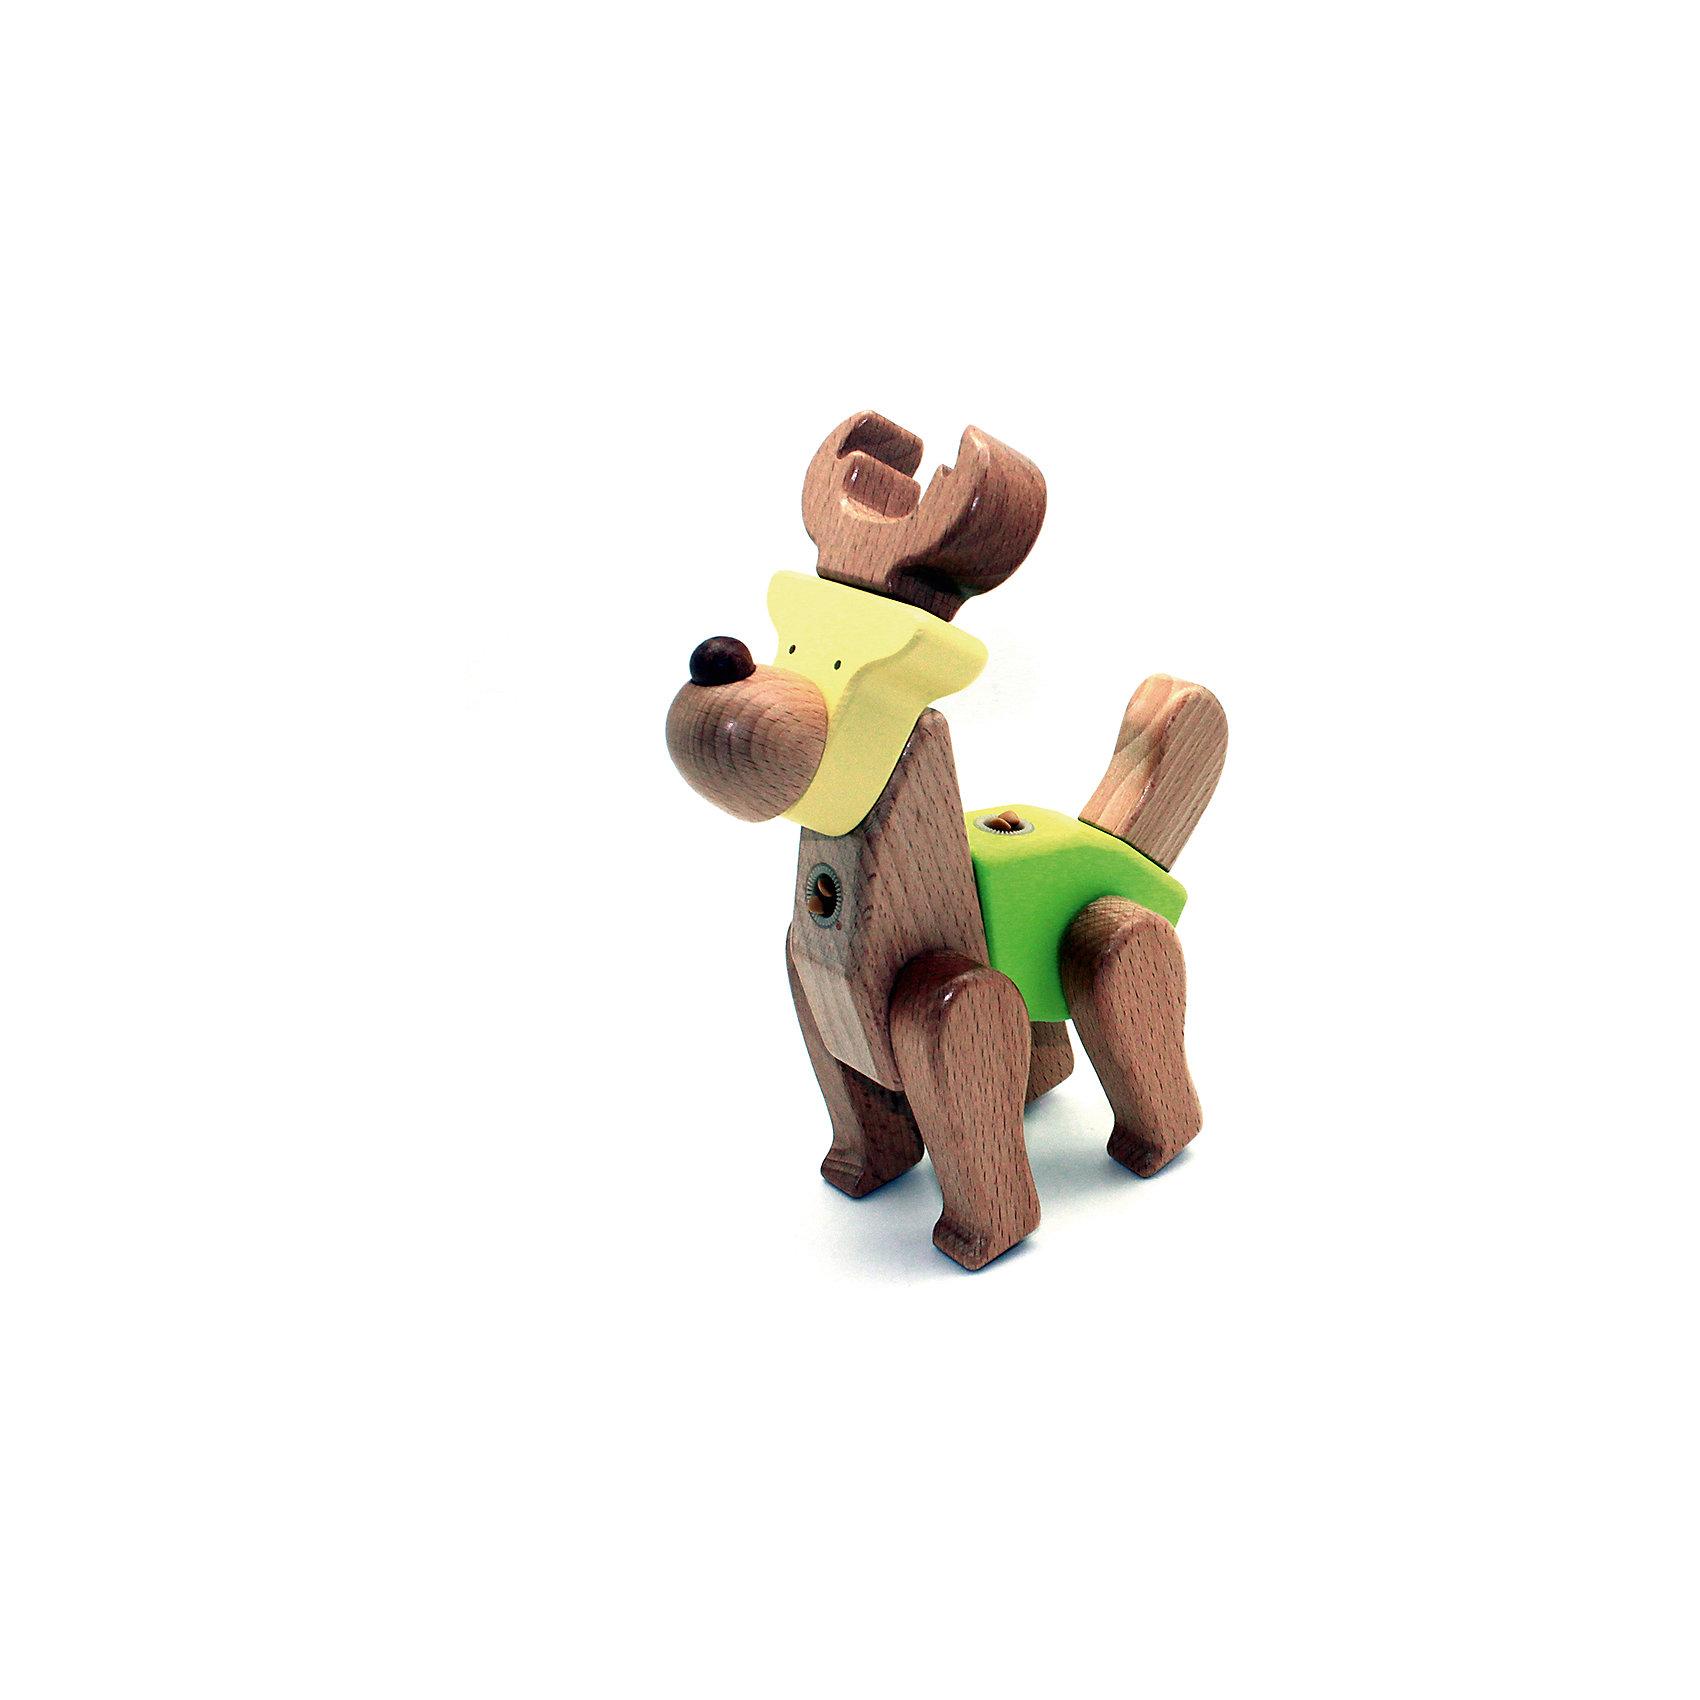 Деревянная игрушка Олень, EQBДеревянная игрушка Олень, EQB – это деревянный конструктор, предназначенный для раннего развития малыша.<br>Конструктор EQB включает 10 крупных деревянных элементов, с помощью которых ребенок легко сможет собрать игрушку в виде Оленя с подвижными конечностями. Главная особенность конструктора - оригинальное крепление clicknturn 360. Это крепление позволяет легко соединять детали и вращать их на 360 градусов. Детали изготовлены из твердых пород древесины, окрашены натуральными красителями, вручную и обработаны растительными маслами для создания ровной и гладкой поверхности. Конструктор полностью безопасен для детей. Тренирует усидчивость, мелкую моторику руку и развивает навыки конструирования с раннего детства. В комплект входит текстильный мешочек, затягивающийся сверху на кулиску, в котором удобно хранить конструктор.<br><br>Дополнительная информация:<br><br>- В наборе: 10 деталей, мешочек, инструкция<br>- Материал: древесина<br>- Размер готовой игрушки: 6,5 х 19 х 17 см.<br>- Размер упаковки: 10 x 19,5 x 8,5 см.<br>- Вес: 290 гр.<br><br>Деревянную игрушку Олень, EQB можно купить в нашем интернет-магазине.<br><br>Ширина мм: 100<br>Глубина мм: 195<br>Высота мм: 85<br>Вес г: 290<br>Возраст от месяцев: 36<br>Возраст до месяцев: 96<br>Пол: Унисекс<br>Возраст: Детский<br>SKU: 4387473